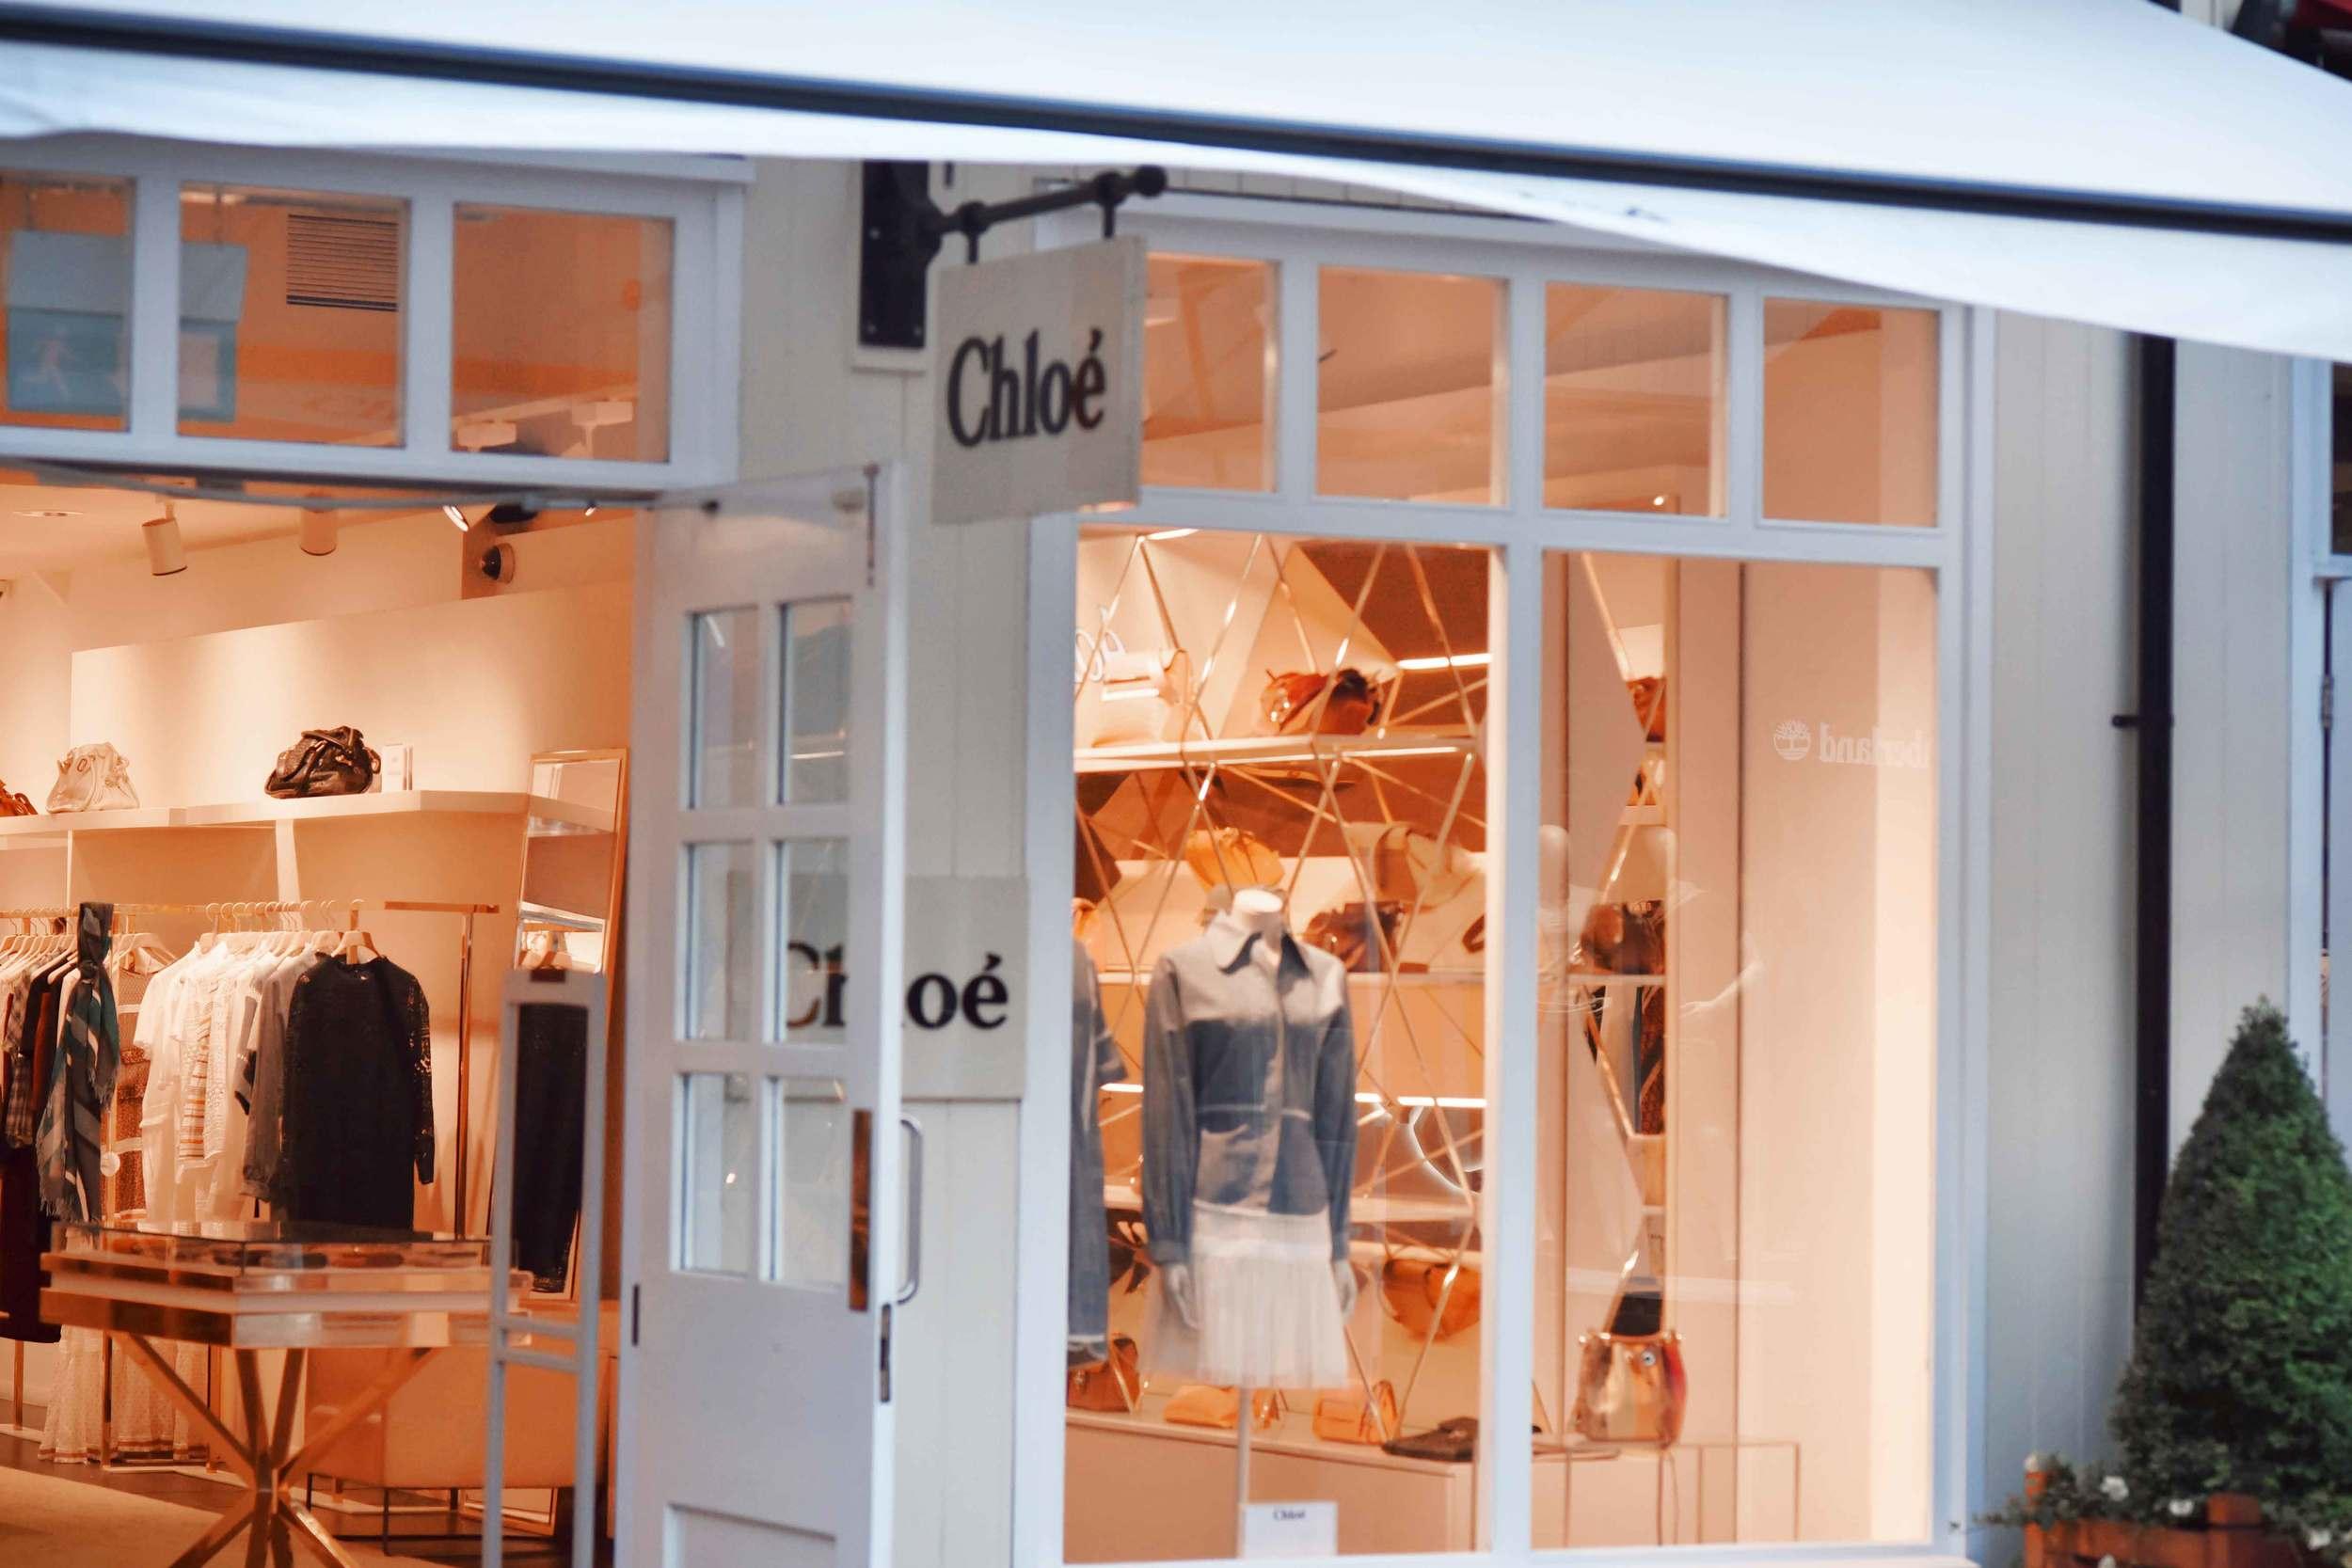 Chloe, Bicester village, designer shopping outlet near London, UK. Image©sourcingstyle.com